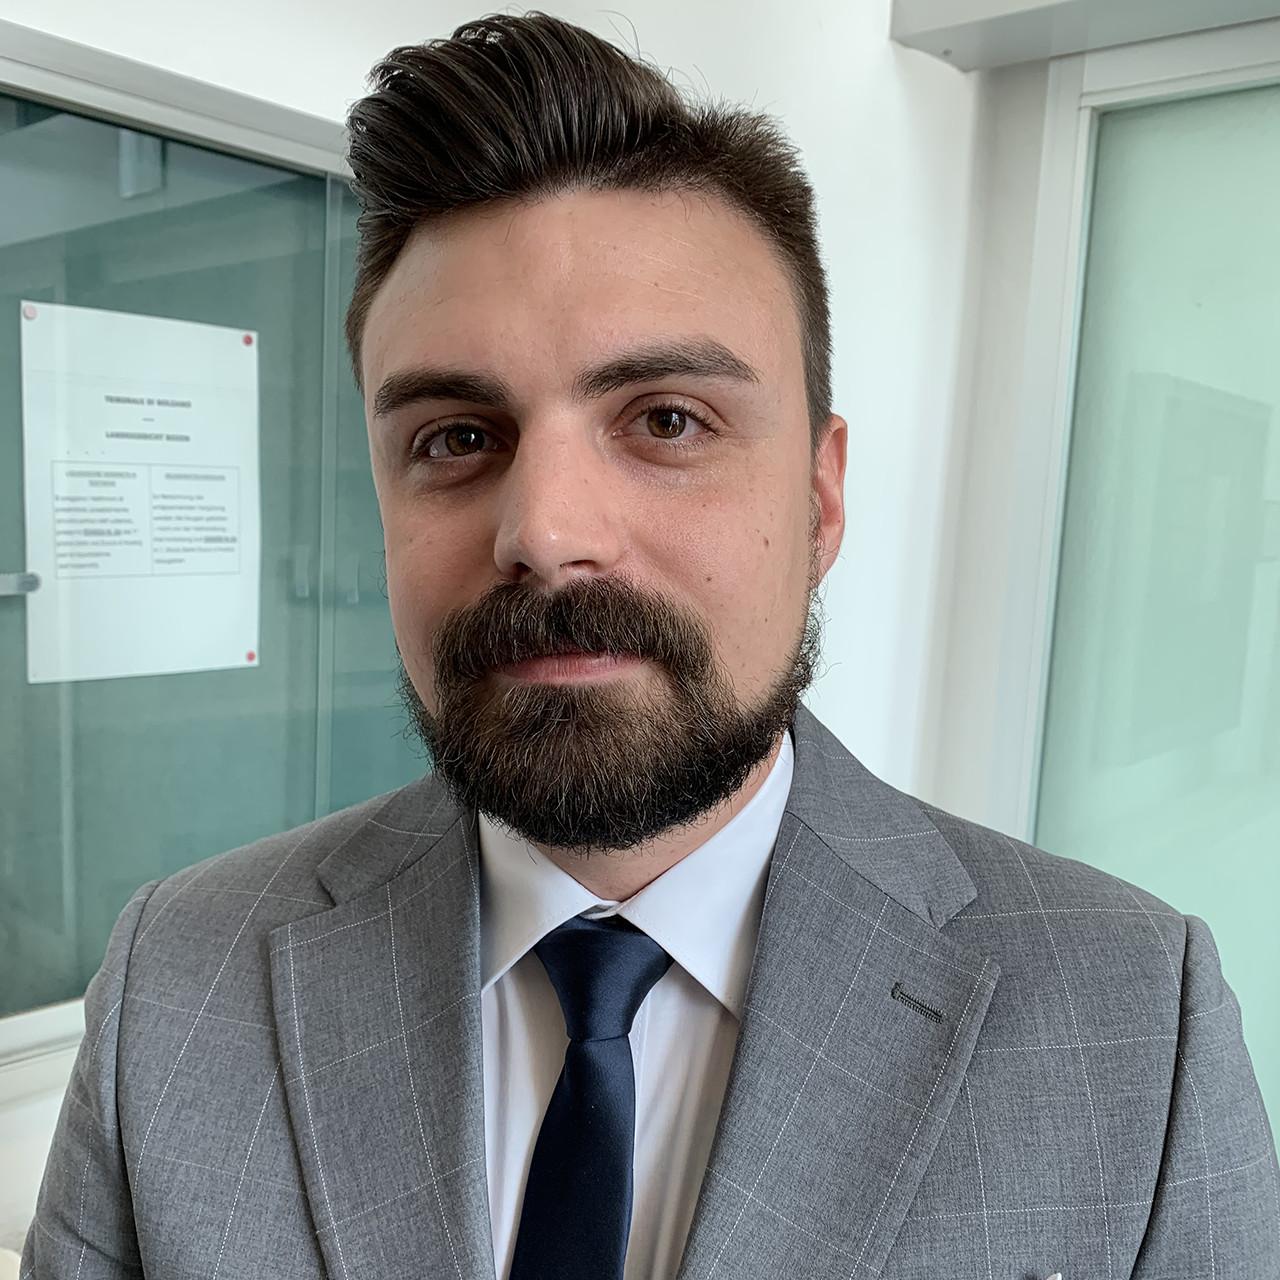 Davide Brancaglion